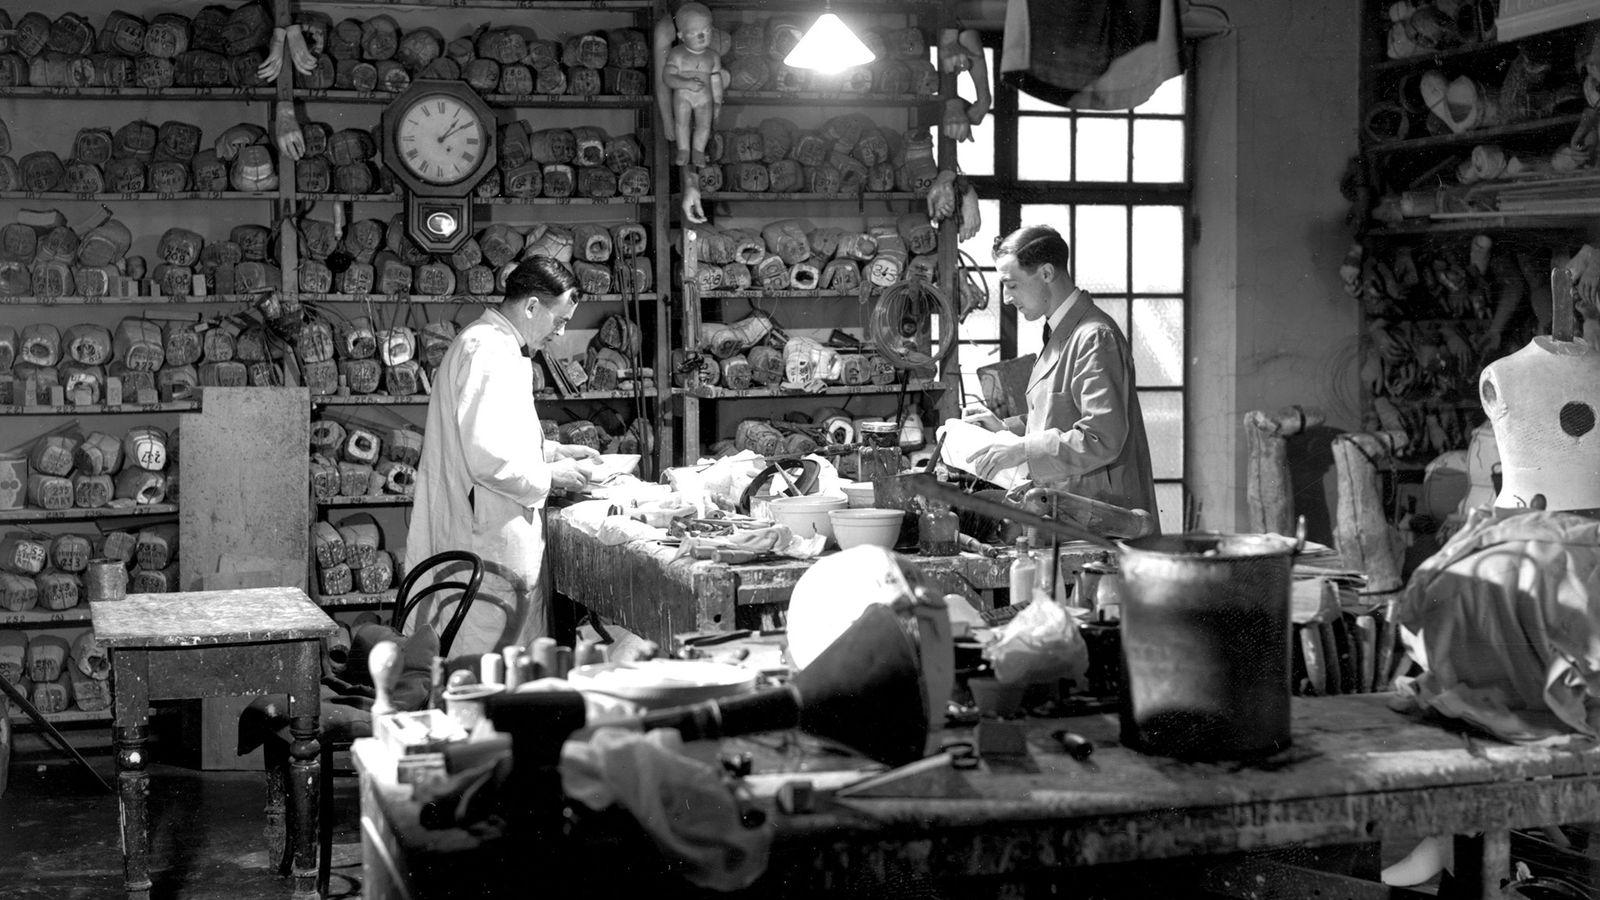 Madame Tussauds Mitarbeiter bei ihrer Tätigkeit im Wachsstudio in der Marylebone Road, London  (1939).